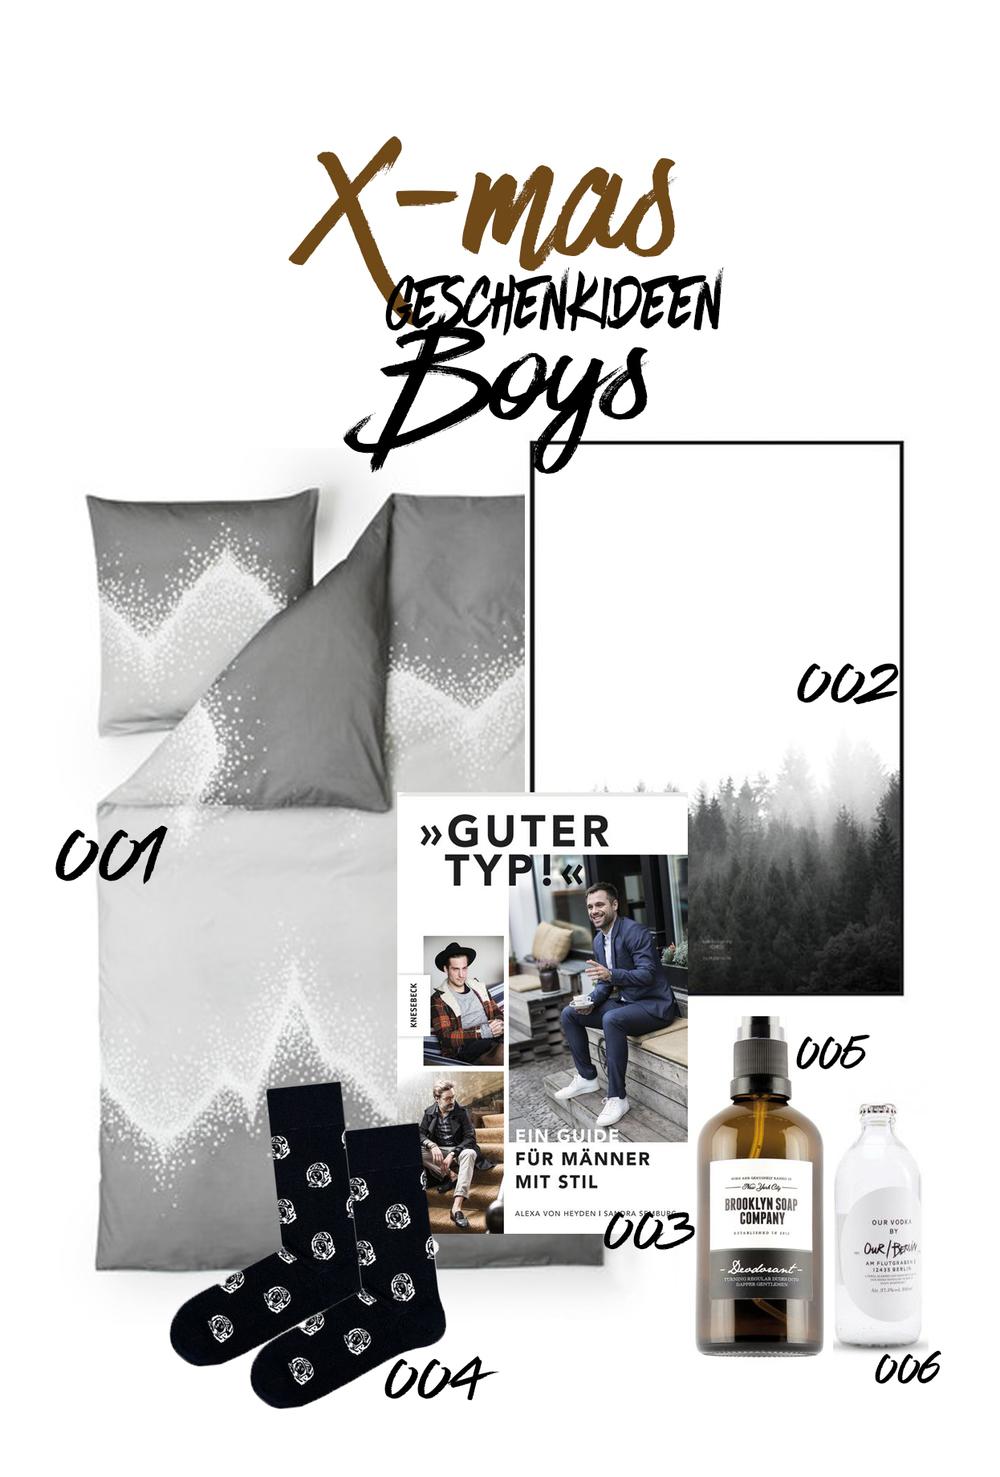 Geschenkideen Boys